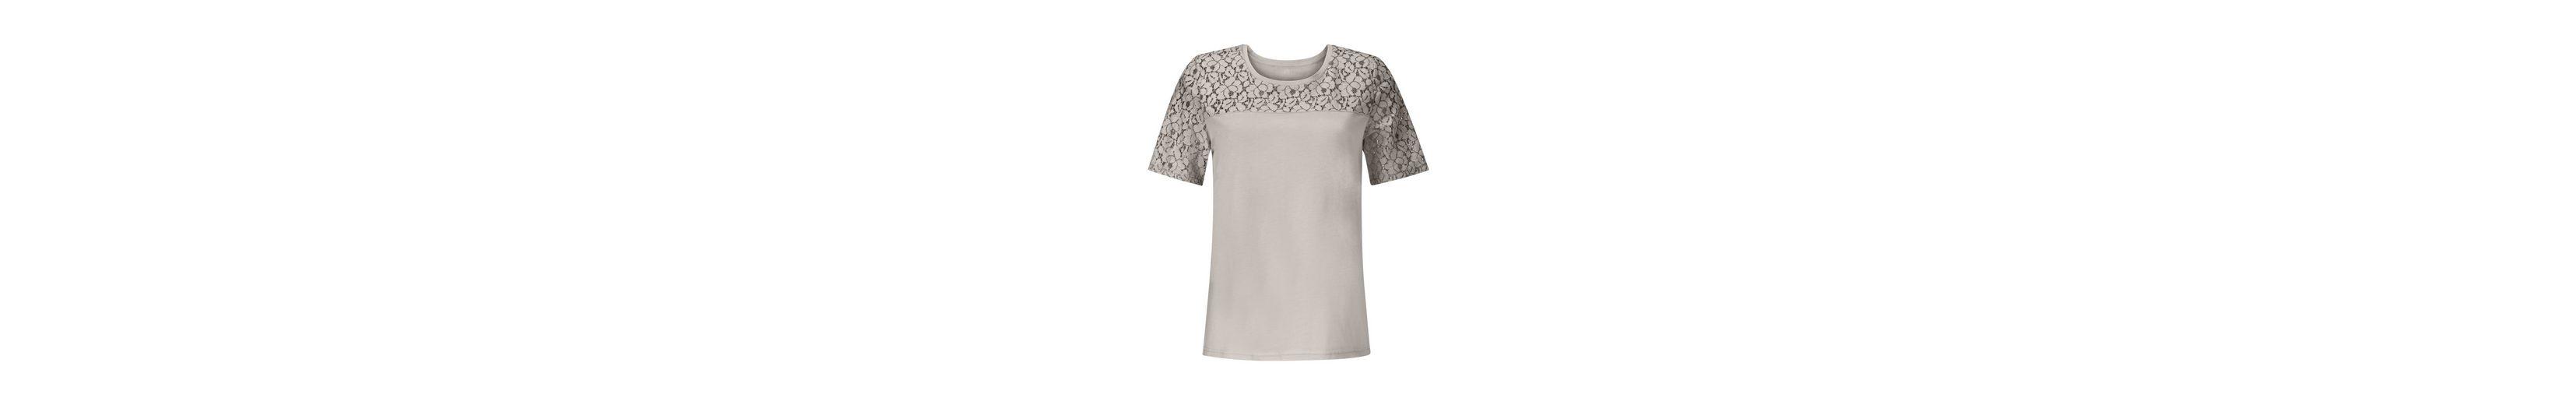 Alessa W. Shirt in PURE WEAR-Qualität Günstig Kaufen Erstaunlichen Preis Authentisch Zu Verkaufen Erscheinungsdaten Online pgH6TxM